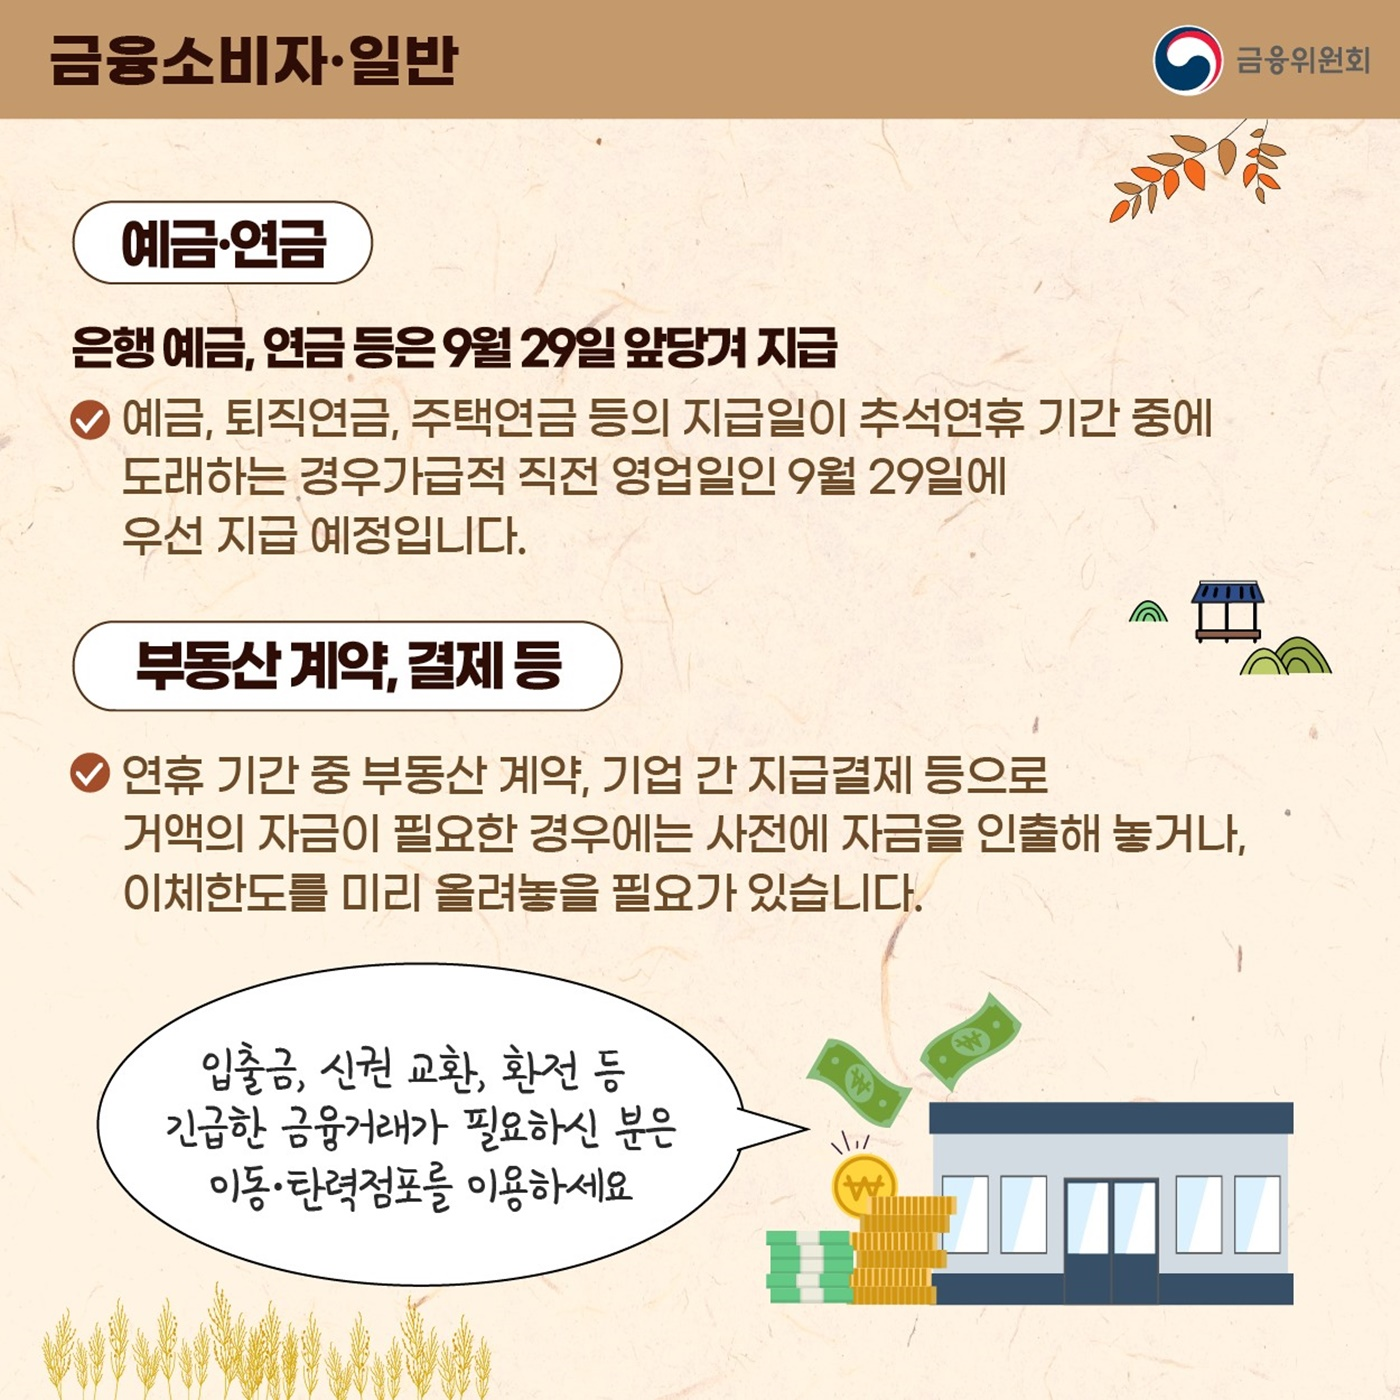 추석 연휴 중소기업과 서민을 위한 금융지원 강화